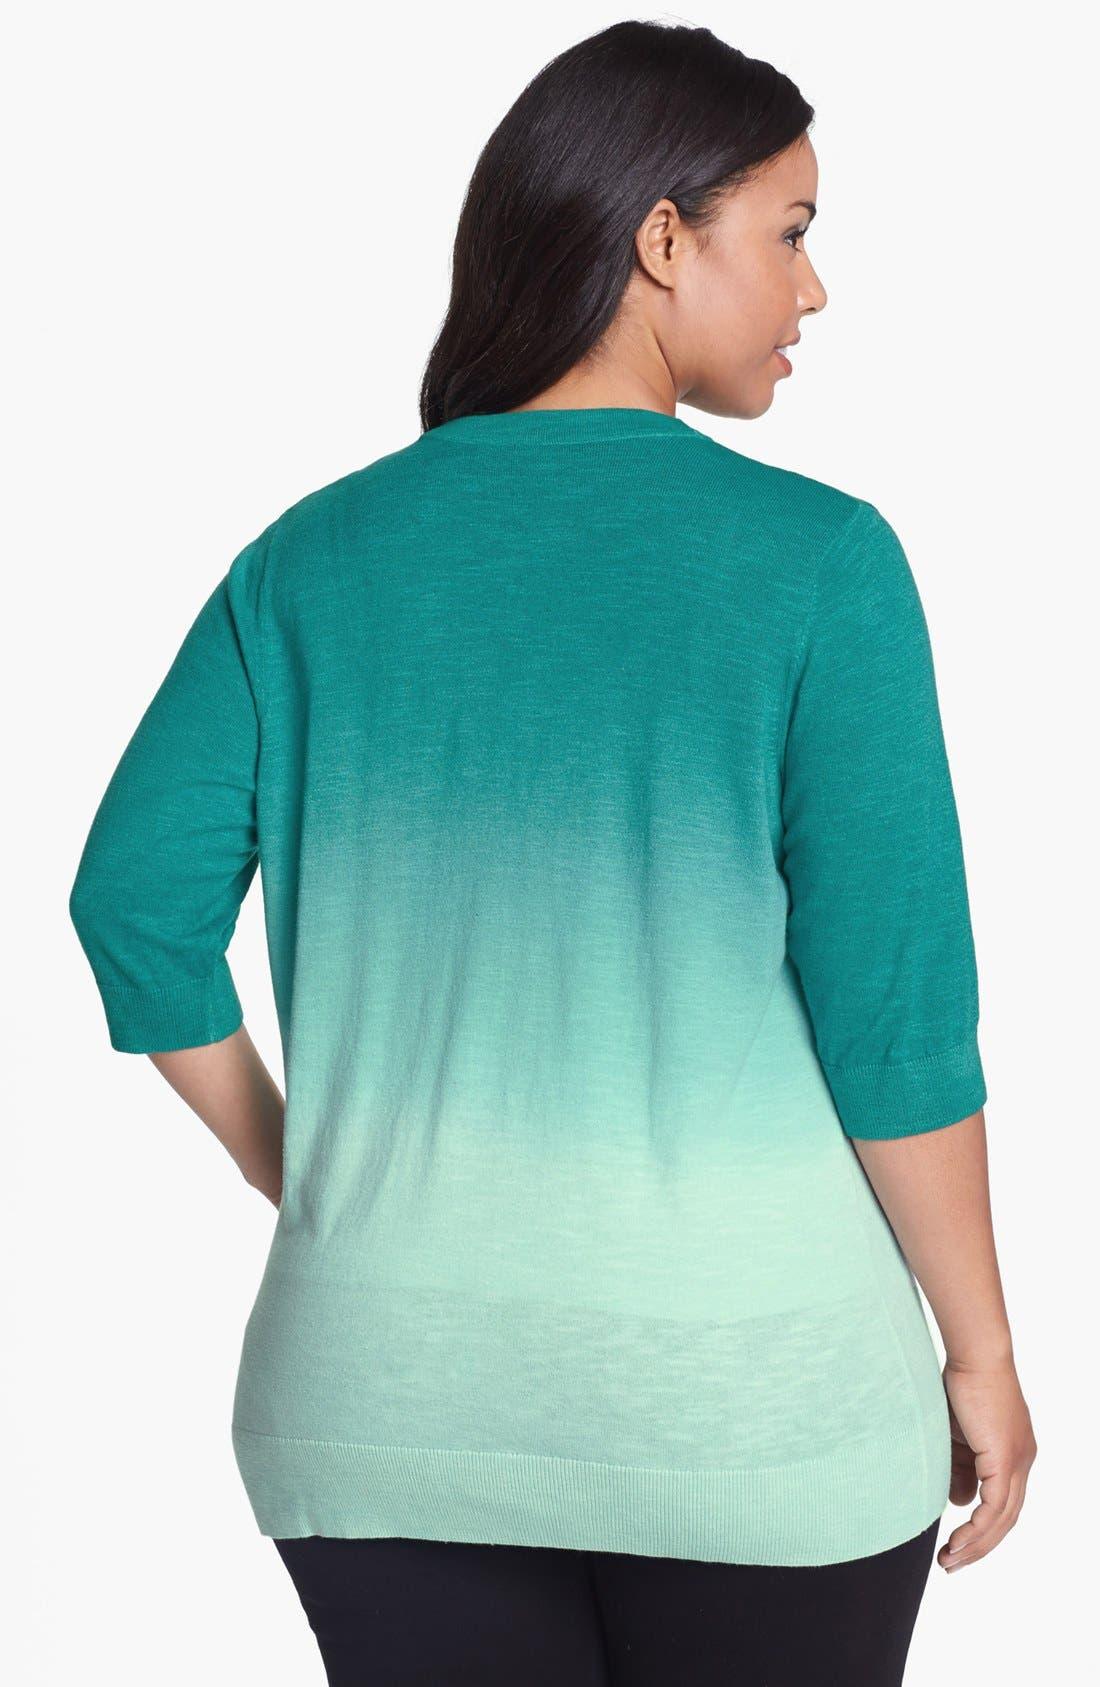 Alternate Image 2  - Sejour 'Girlfriend' Ombré Cardigan (Plus Size)